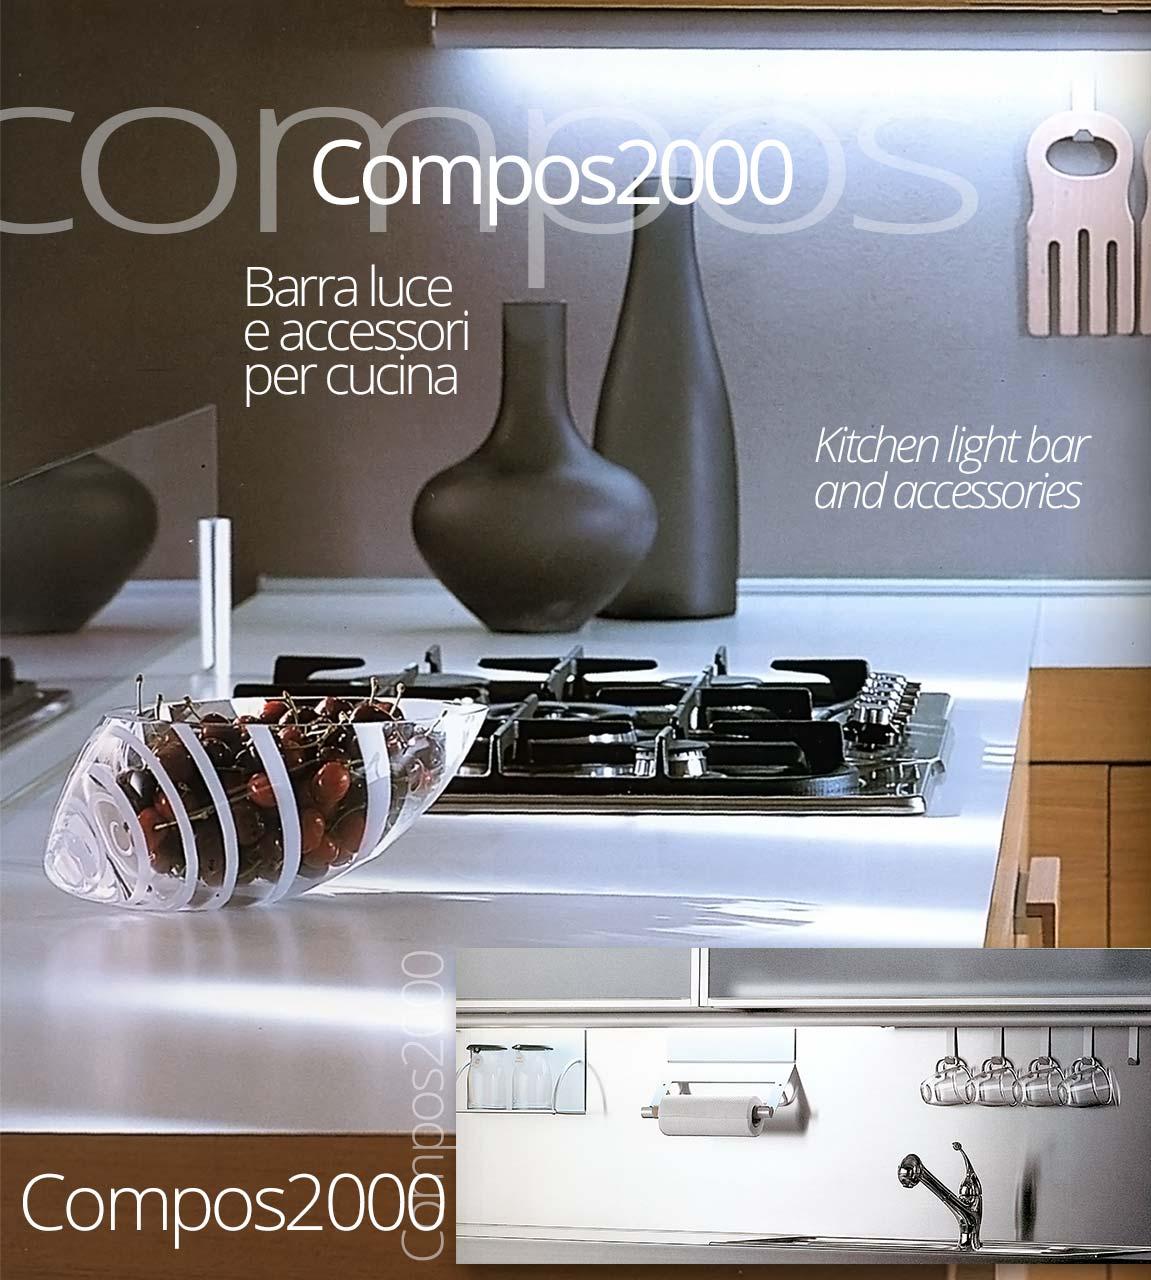 compos2000-solo-22x25